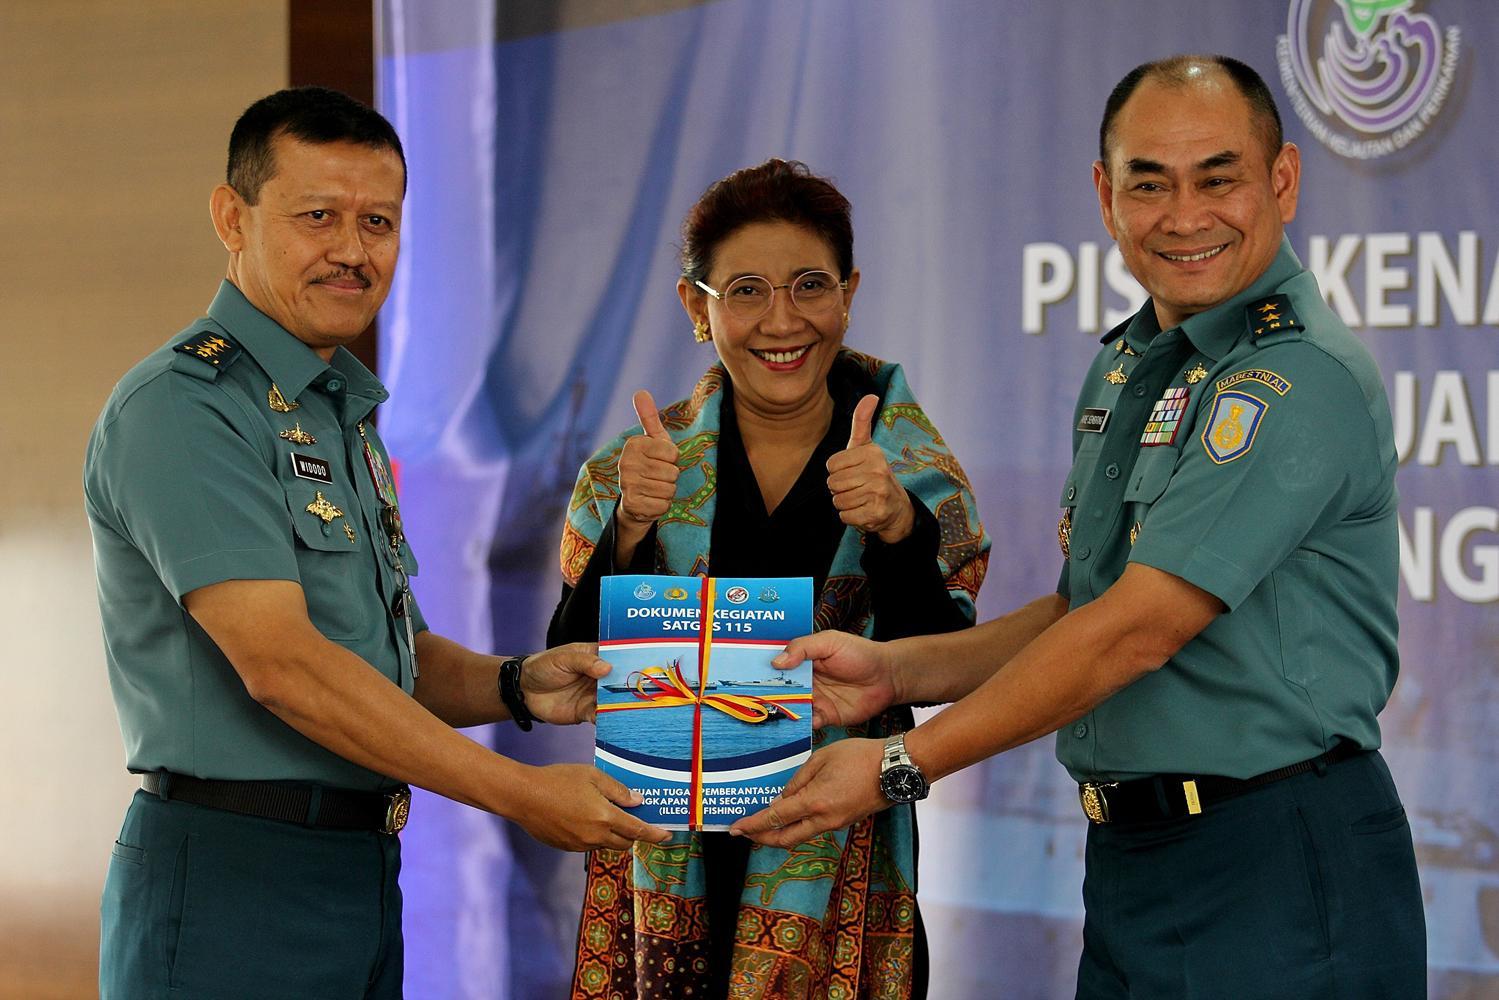 Menteri KKP, Susi Pudjiastuti, saat mengikuti acara serah terima jabatan, sebelumnya Bapak Widodo (kiri), adalah Kalakhar Satgas 115 untuk penangkapan kapal ikan ilegal akan menyerahkan tugas kepada Kalakhar baru, Bapak Ari Sembiring (paling kanan). di Jakarta, Senin, (22/02).